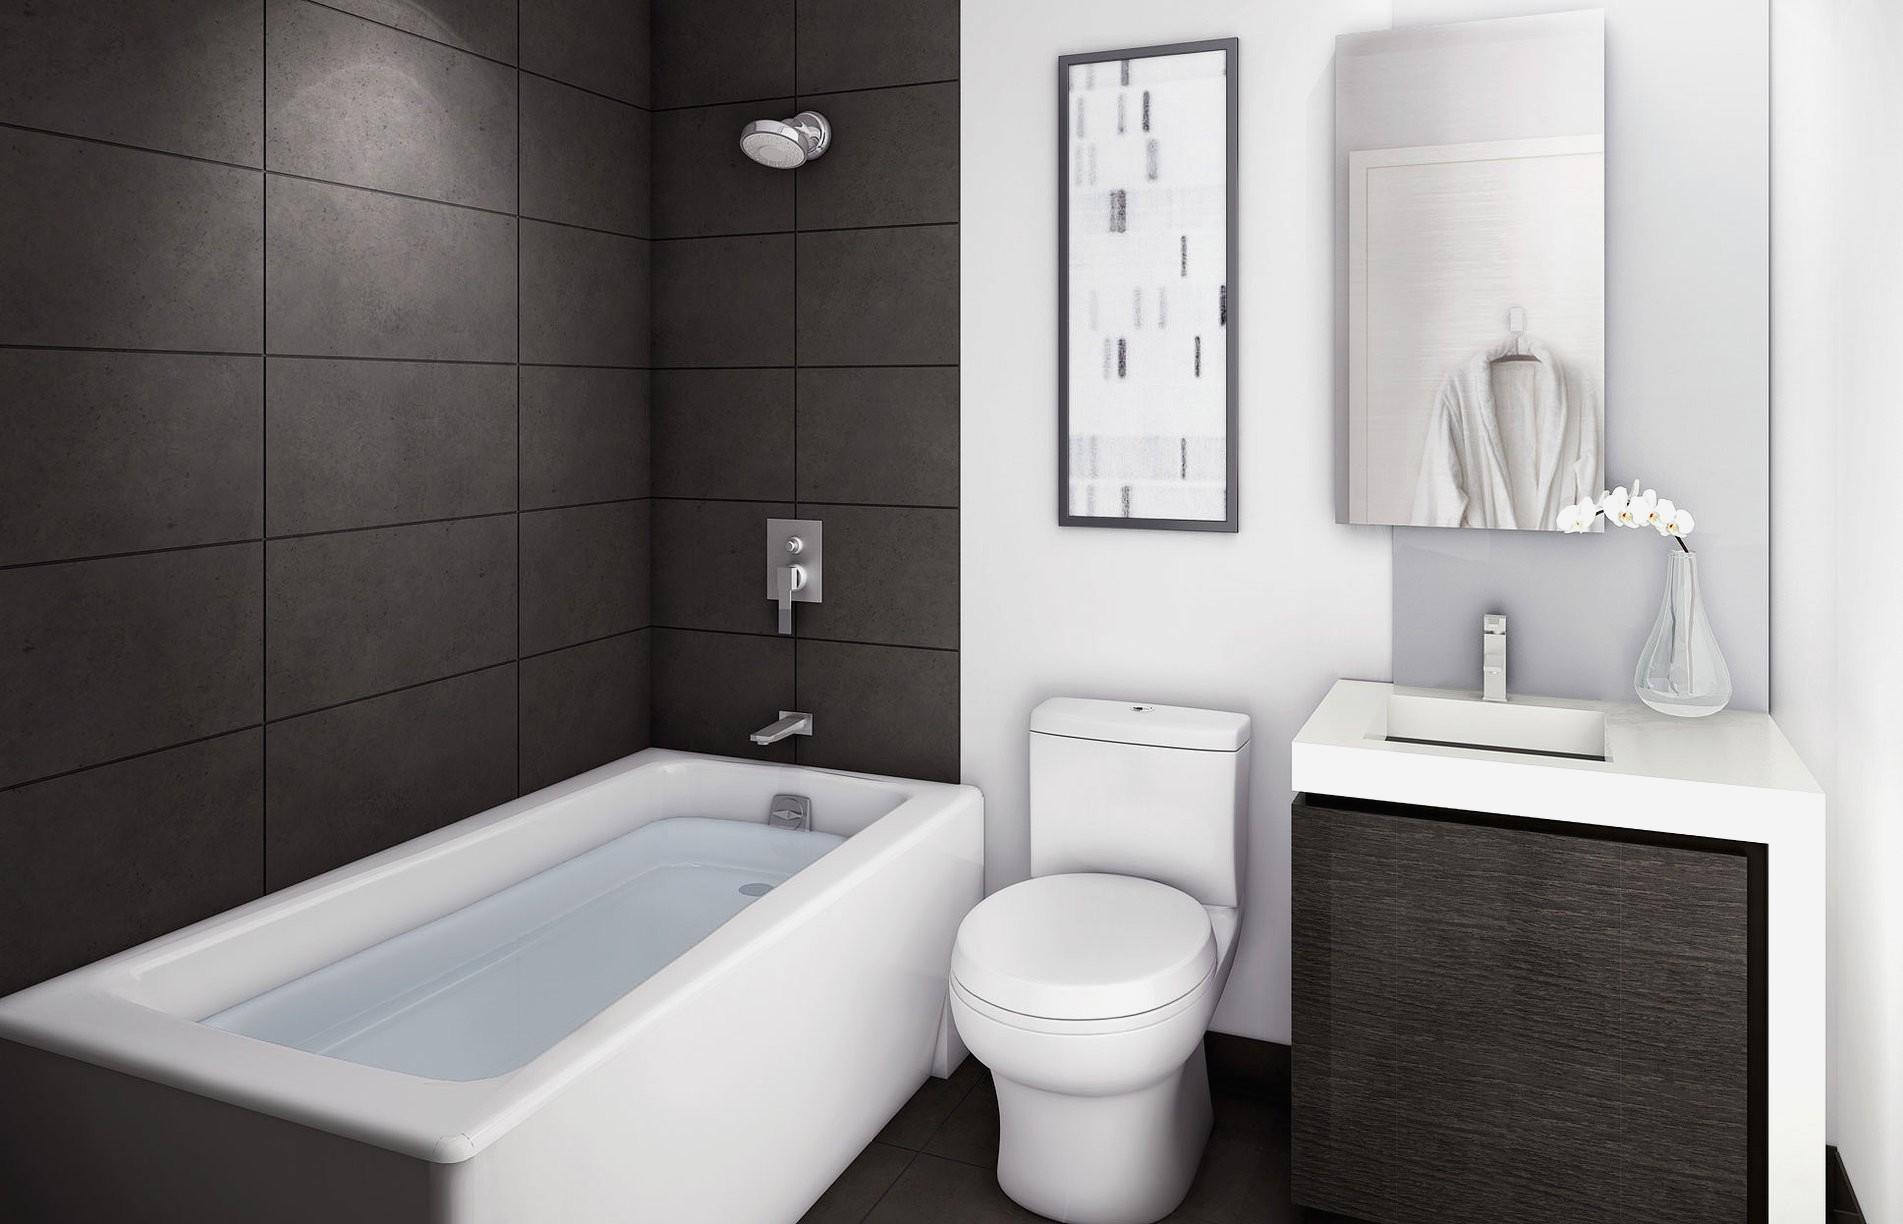 vannaya v stile minimalizm osobennosti vybora mebeli santehniki i aksessuarov 1 - Идеи и советы для ремонта в ванной комнате